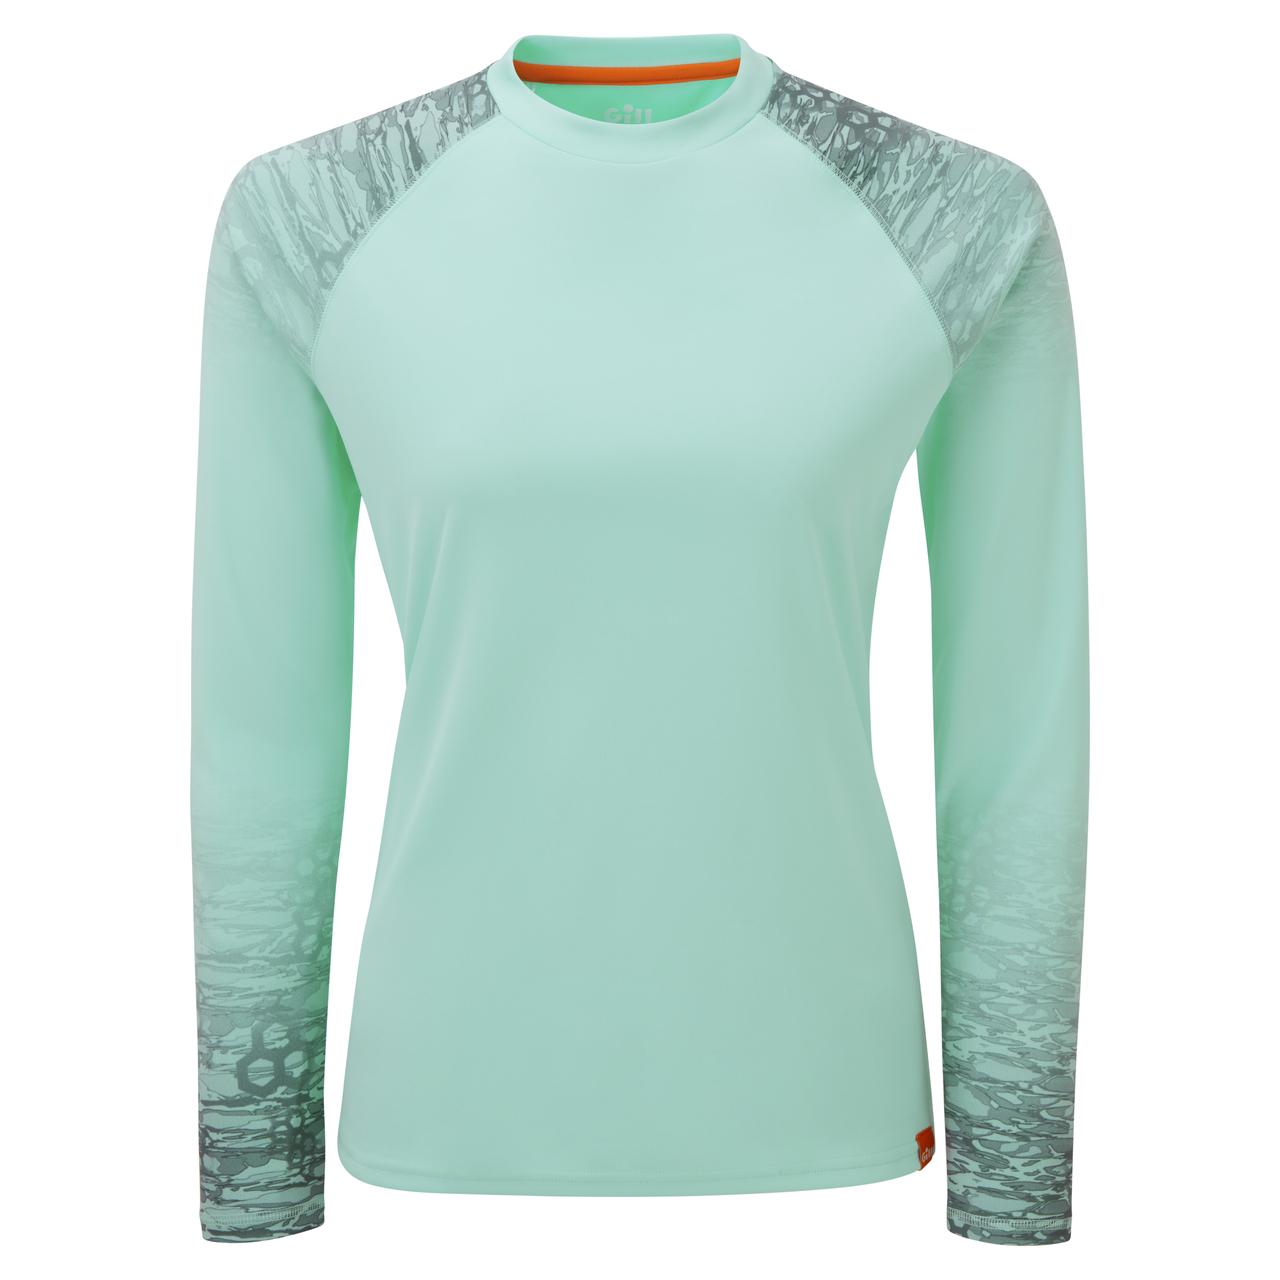 Women's UV Tec Long Sleeve Tee - UV011W-MOR01-1.jpg